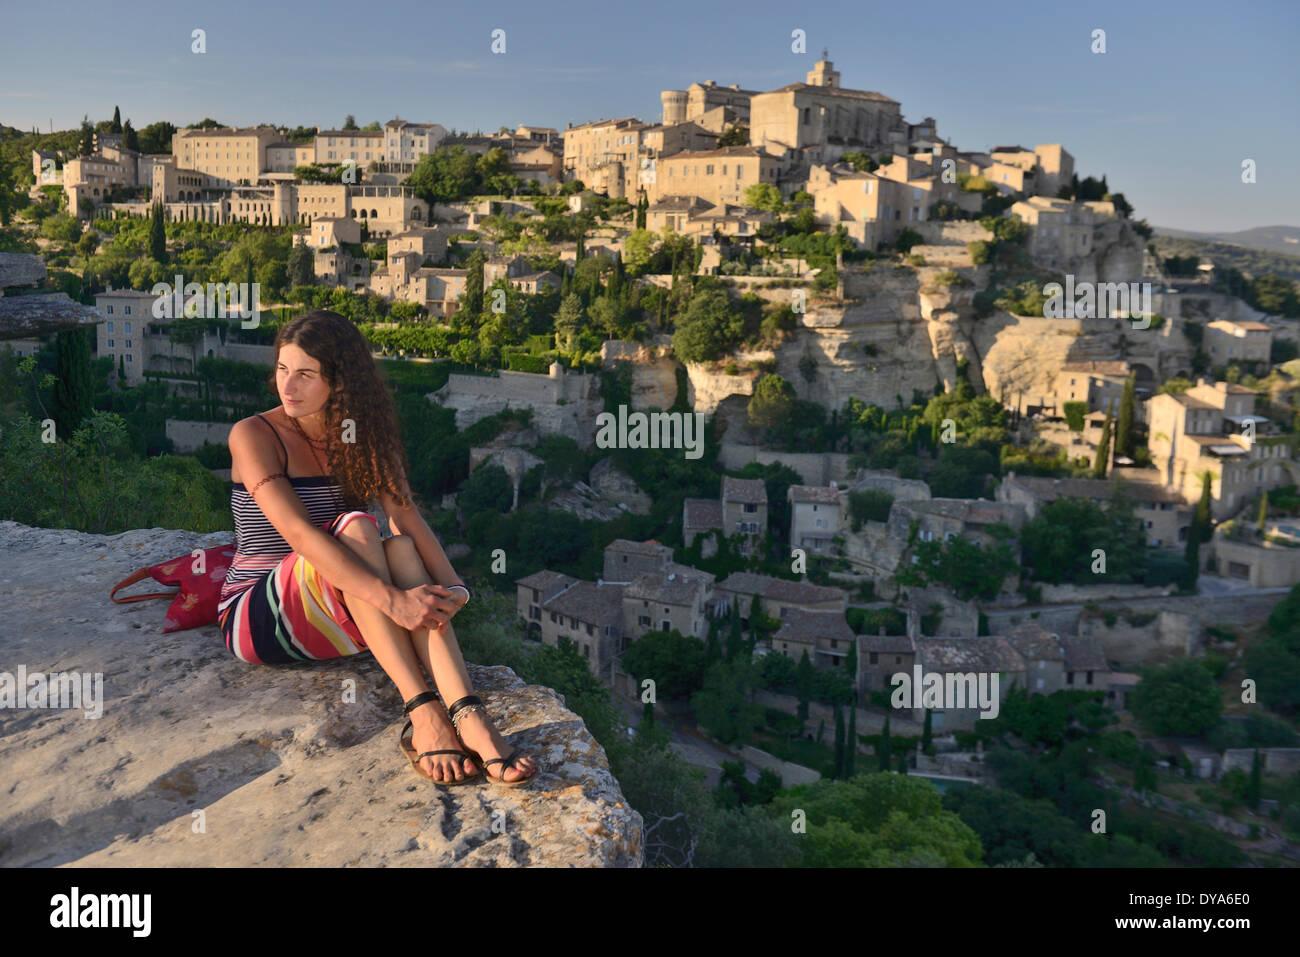 Europa, Frankreich, Provence, Vaucluse, Gordes, Stadt, sitzen, Felsen, Mädchen, Französisch, Frau, junge, Stockbild